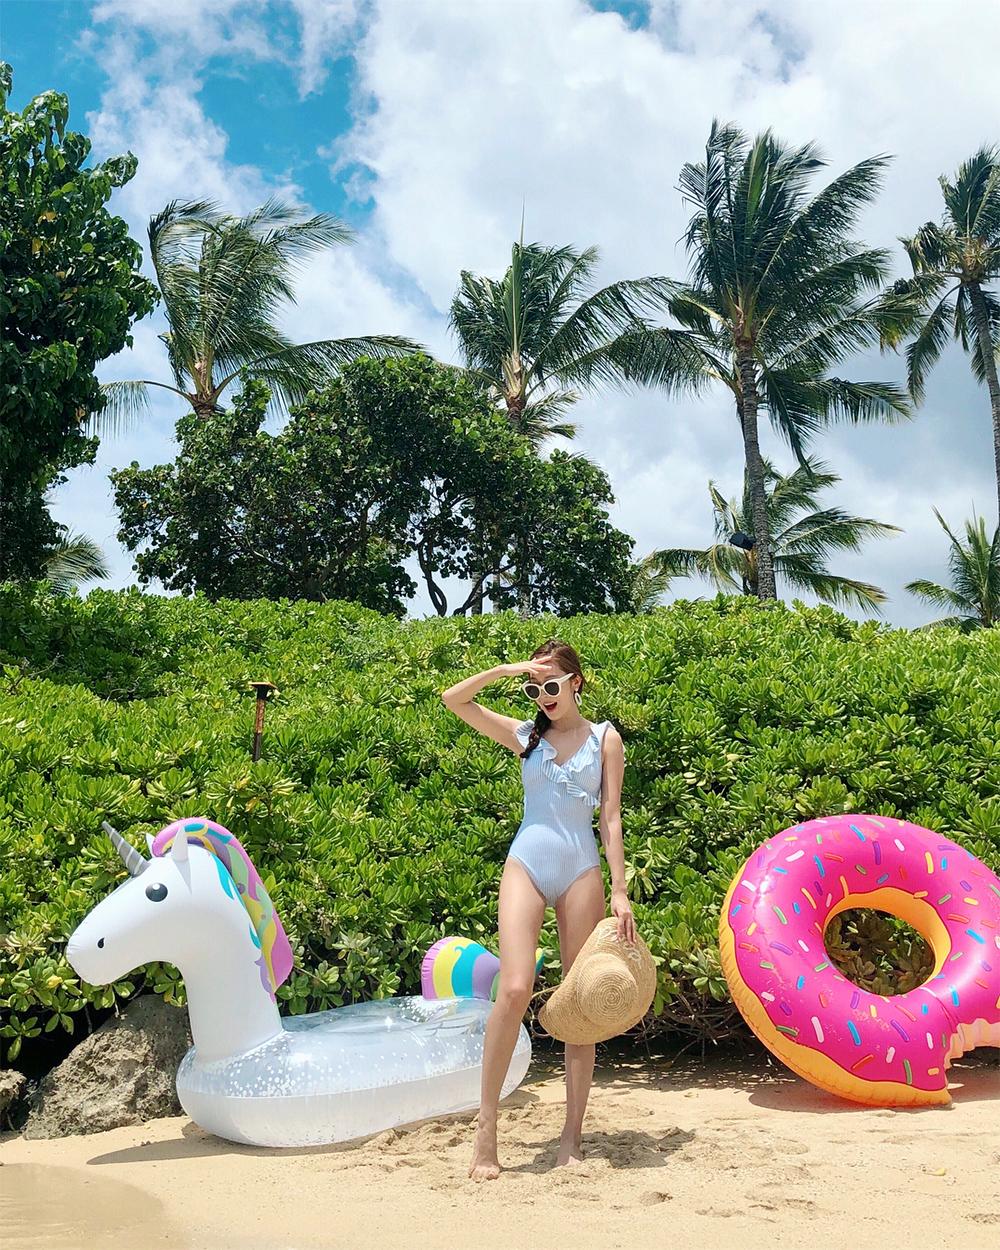 đồ bơi nữ một mảnh nhún bèo hoa màu trắng jessica